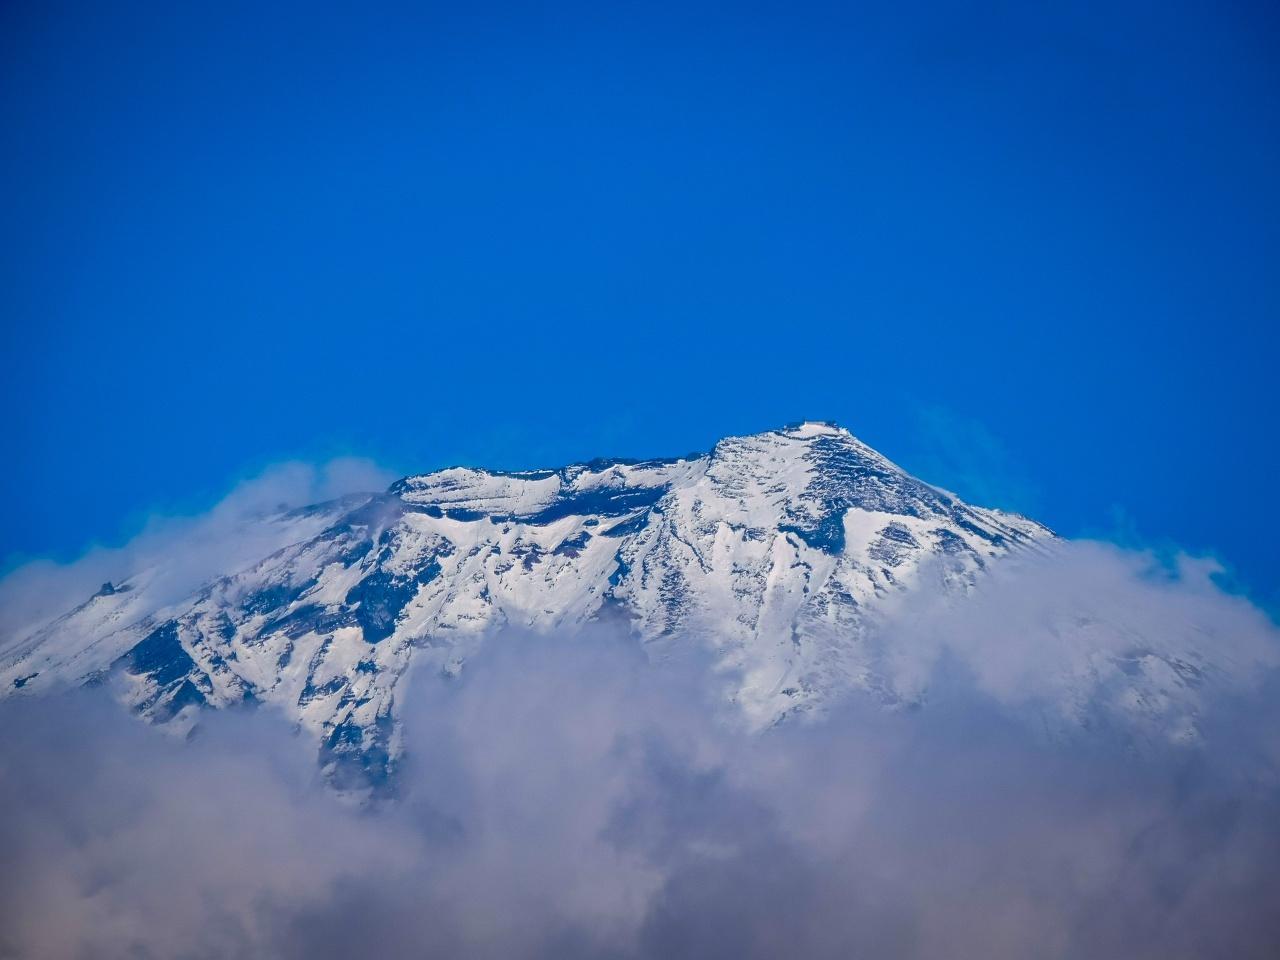 2020.2.8雲間のパール富士(内野発電所)_e0321032_14474902.jpg